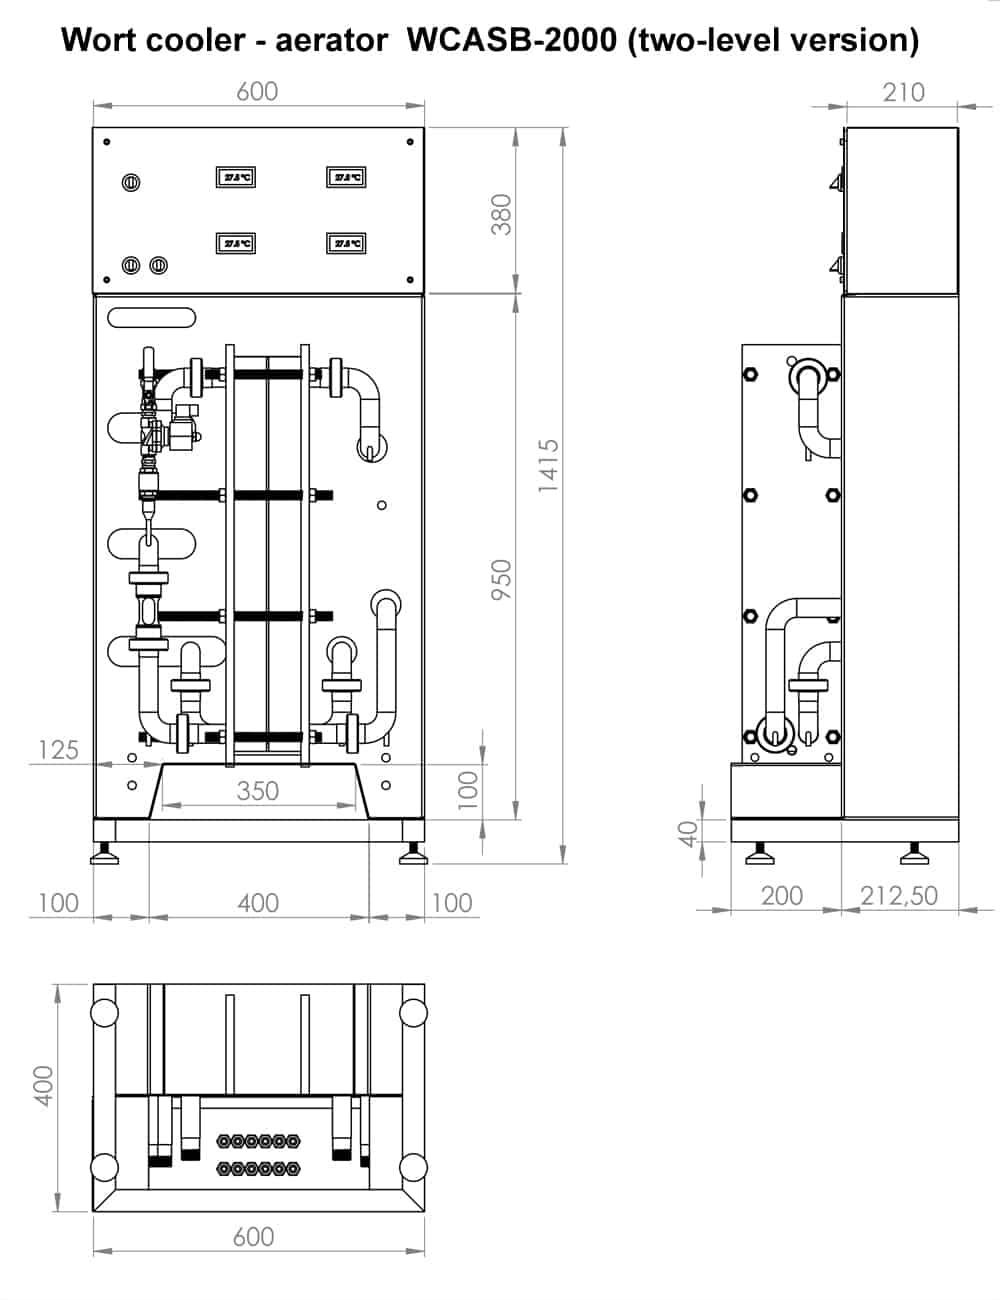 wort-cooler-aerator-wcasb-2000-2